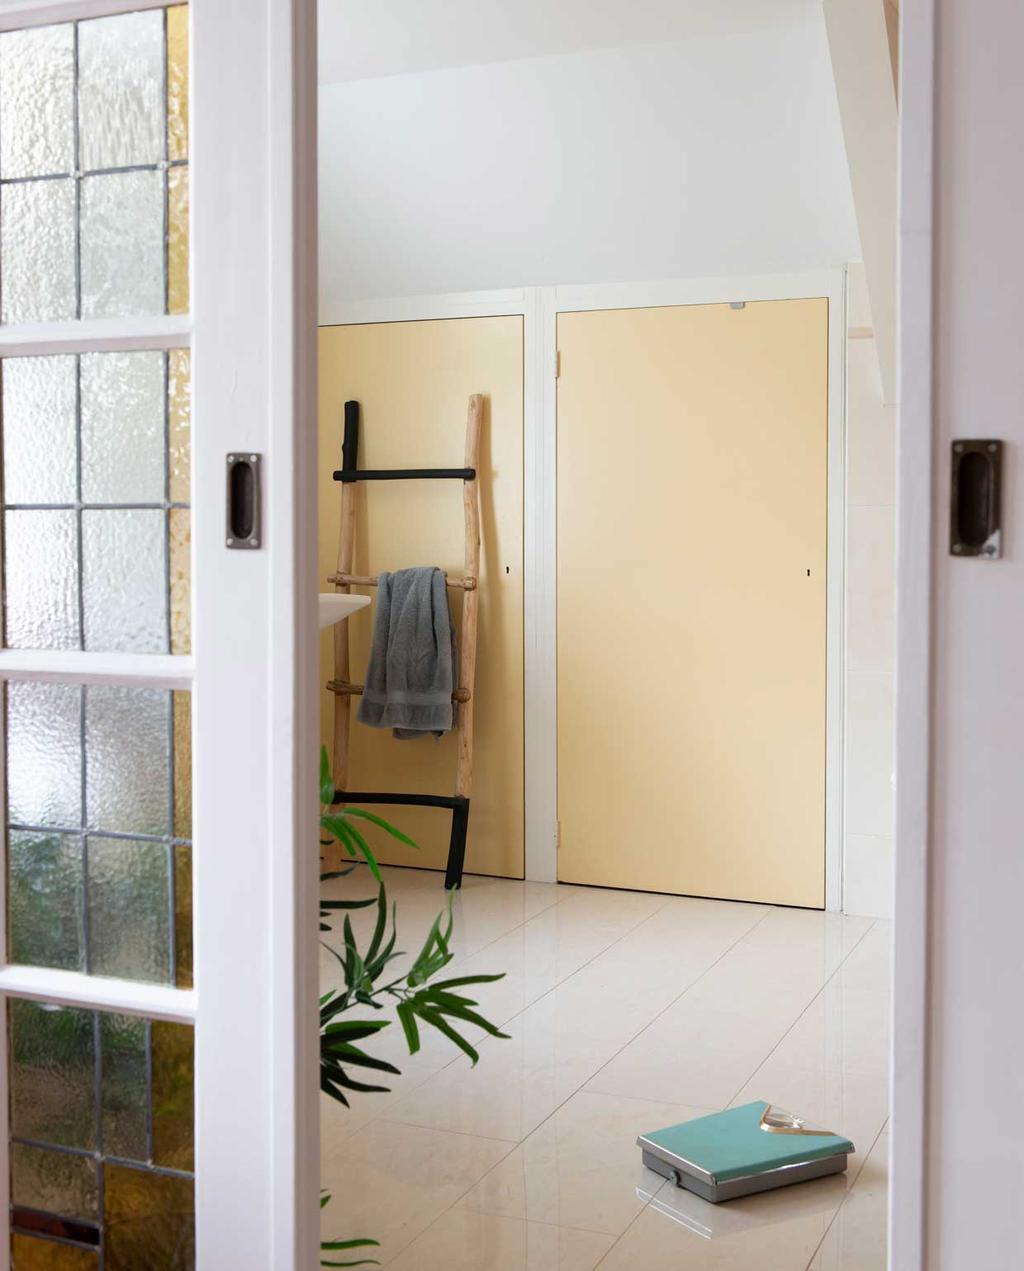 vtwonen 08-2020 | binnenkijken hillegom | badkamer met pastel kleuren in oude stijl